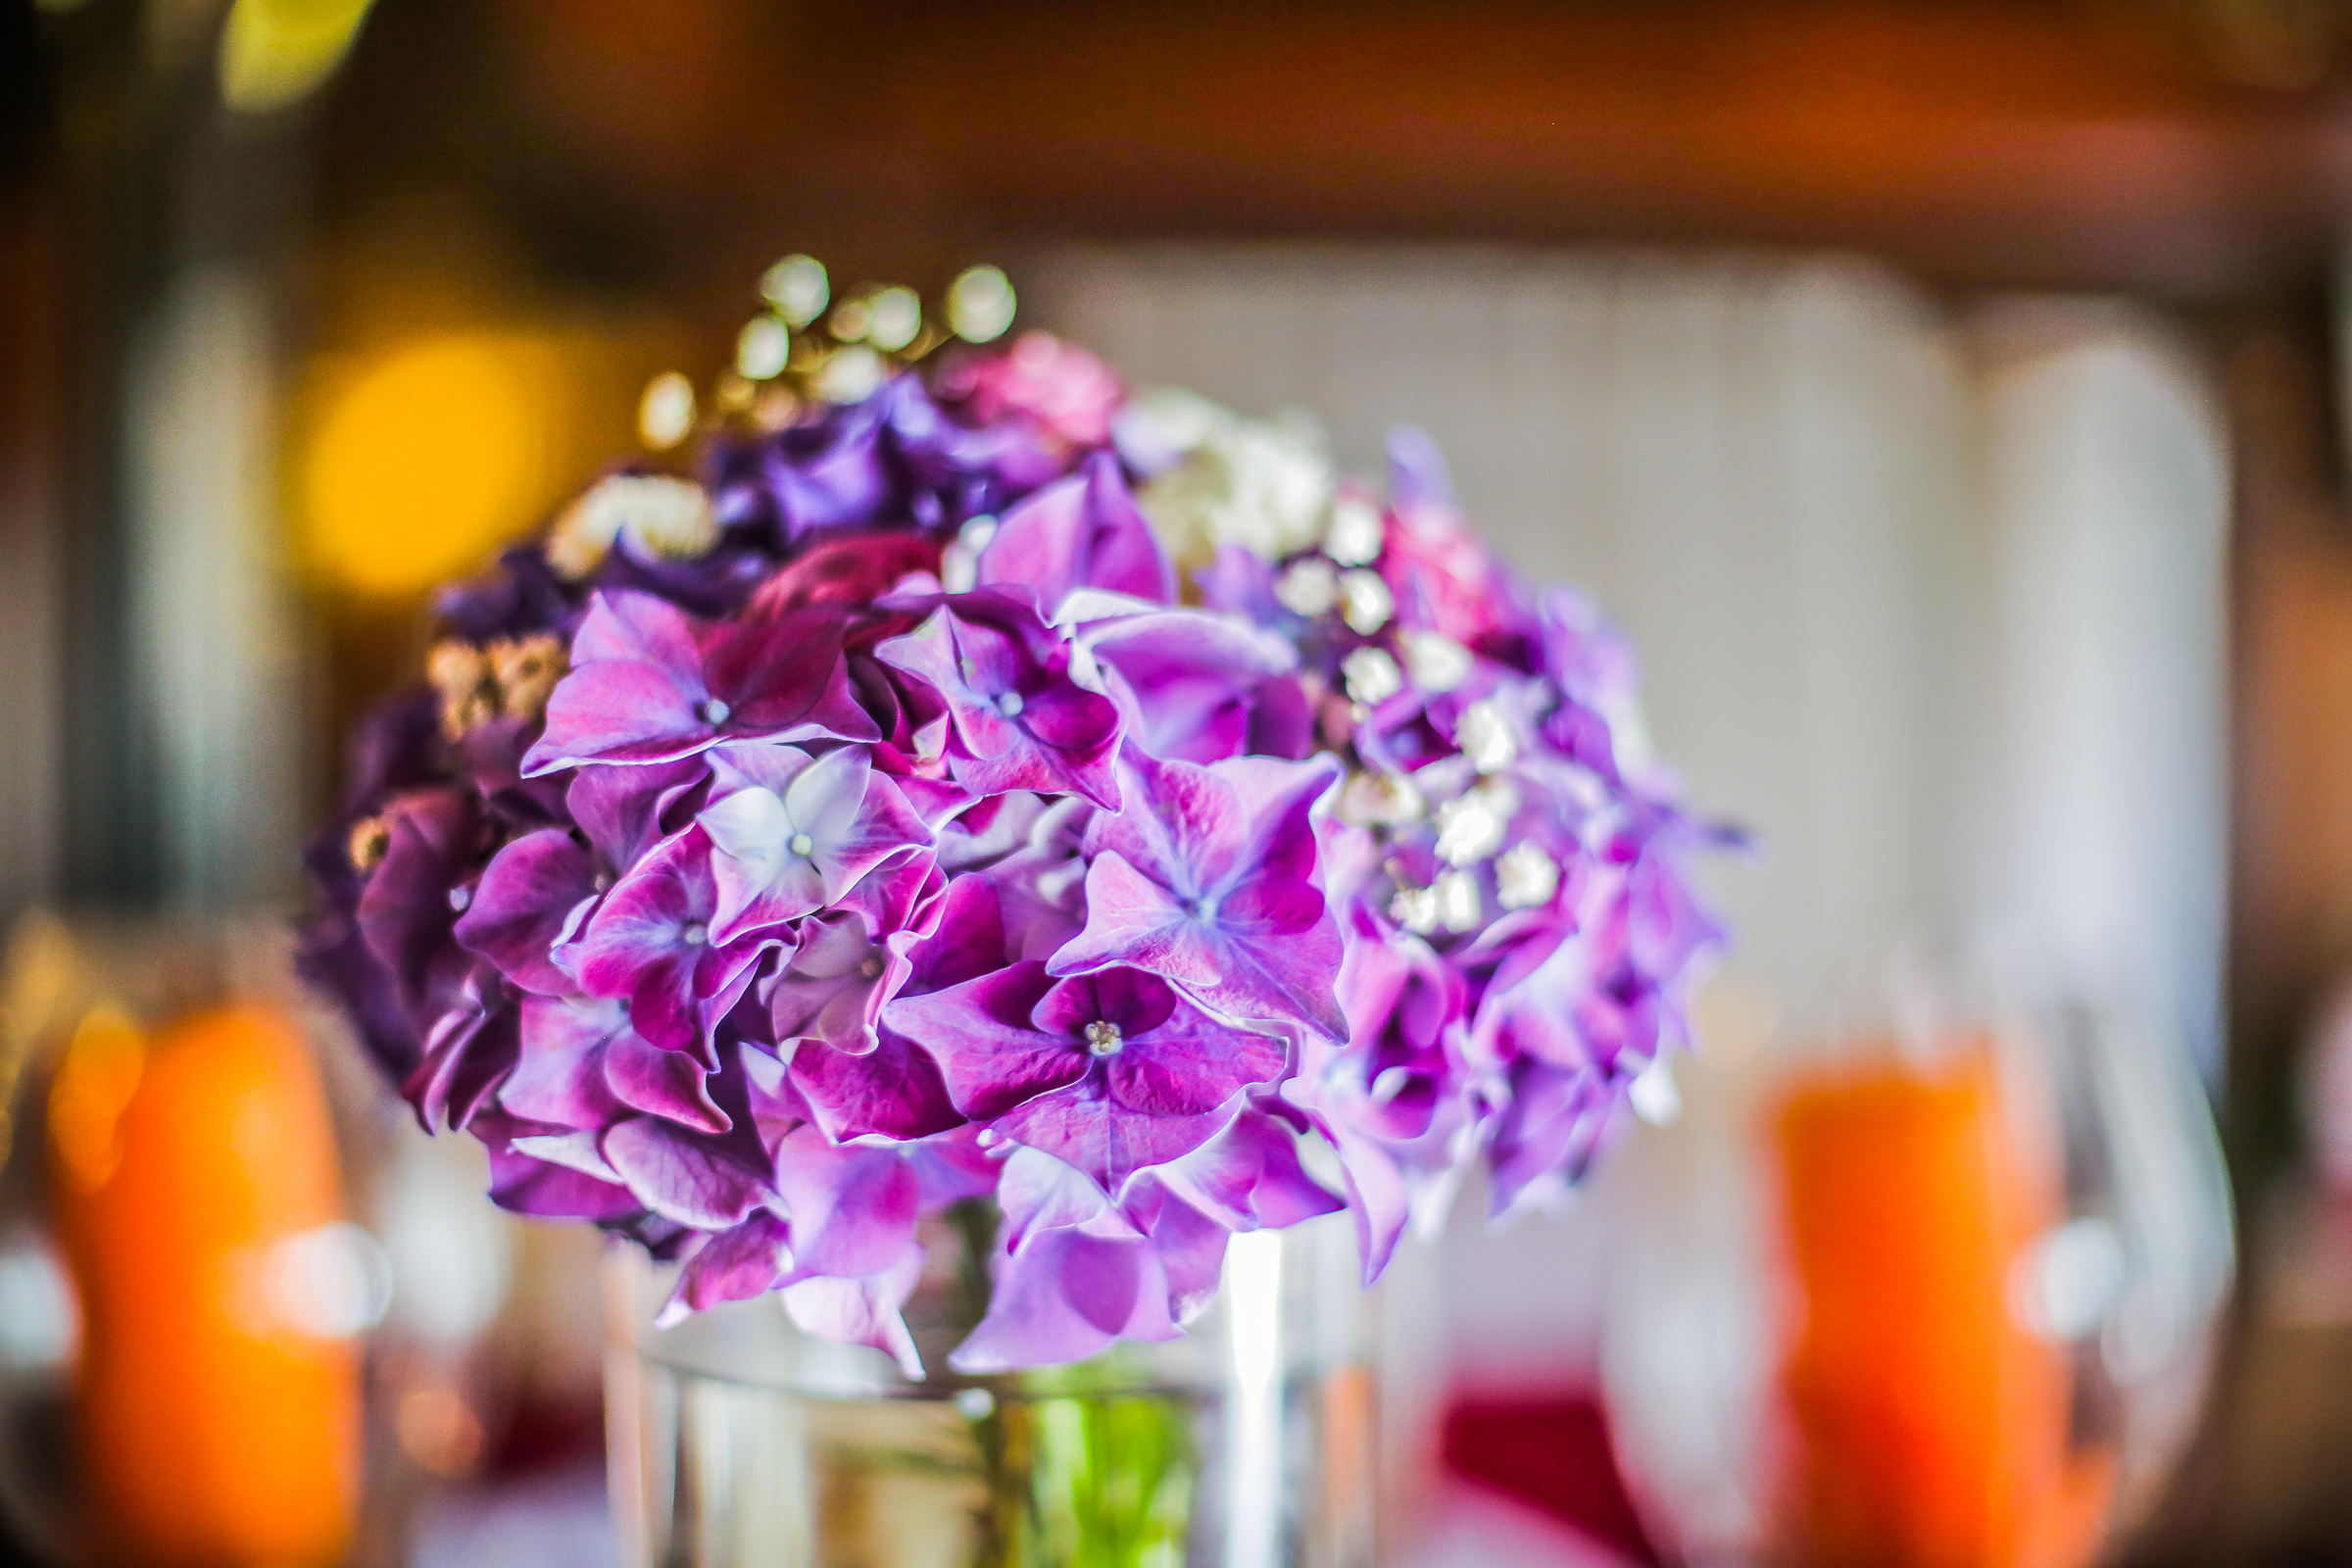 flower in hotel